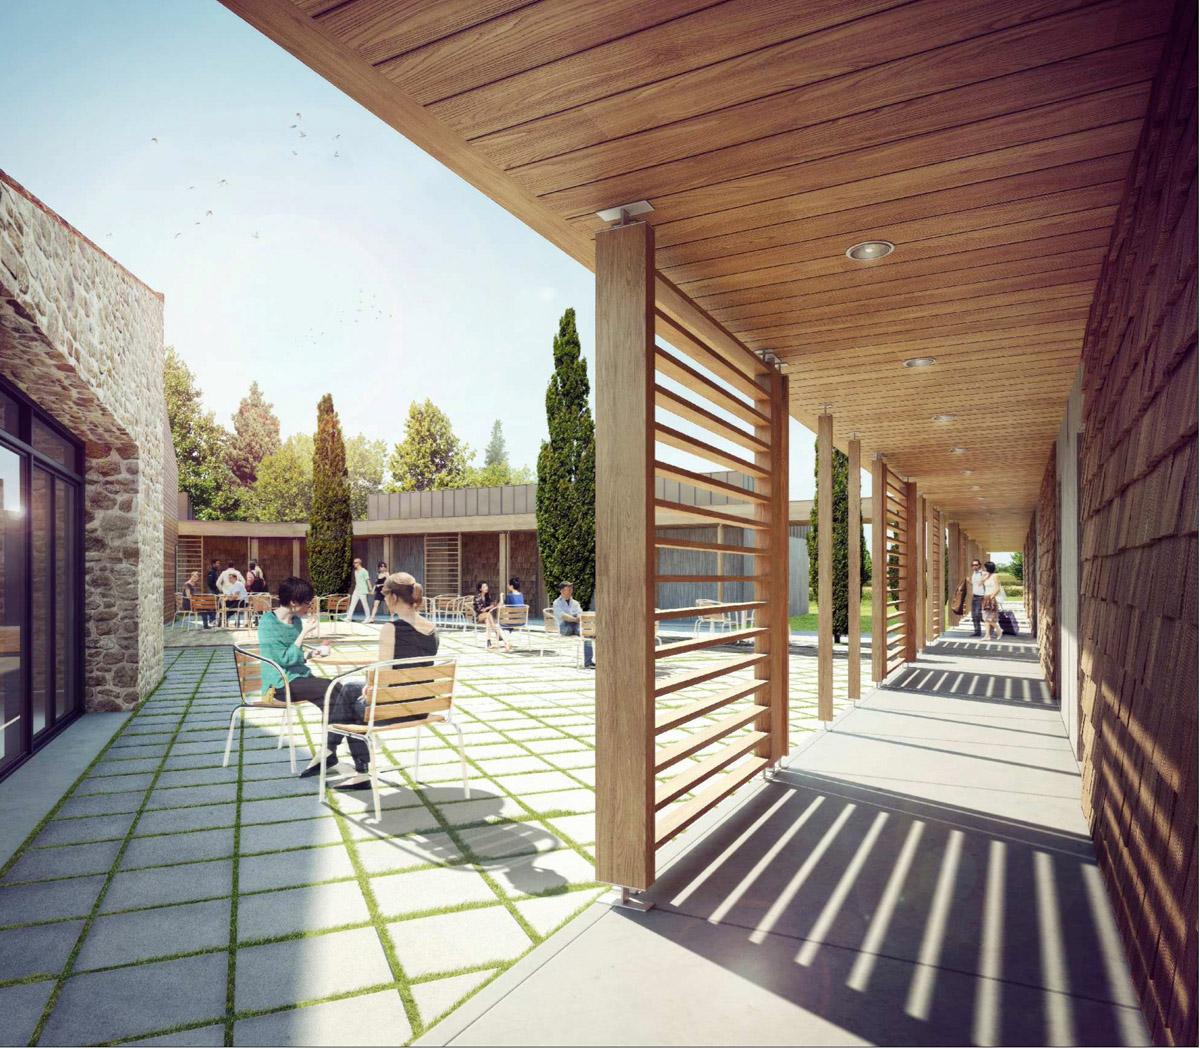 Espace extérieur de la résidence à Chambretaud imaginé par DGA Architectes